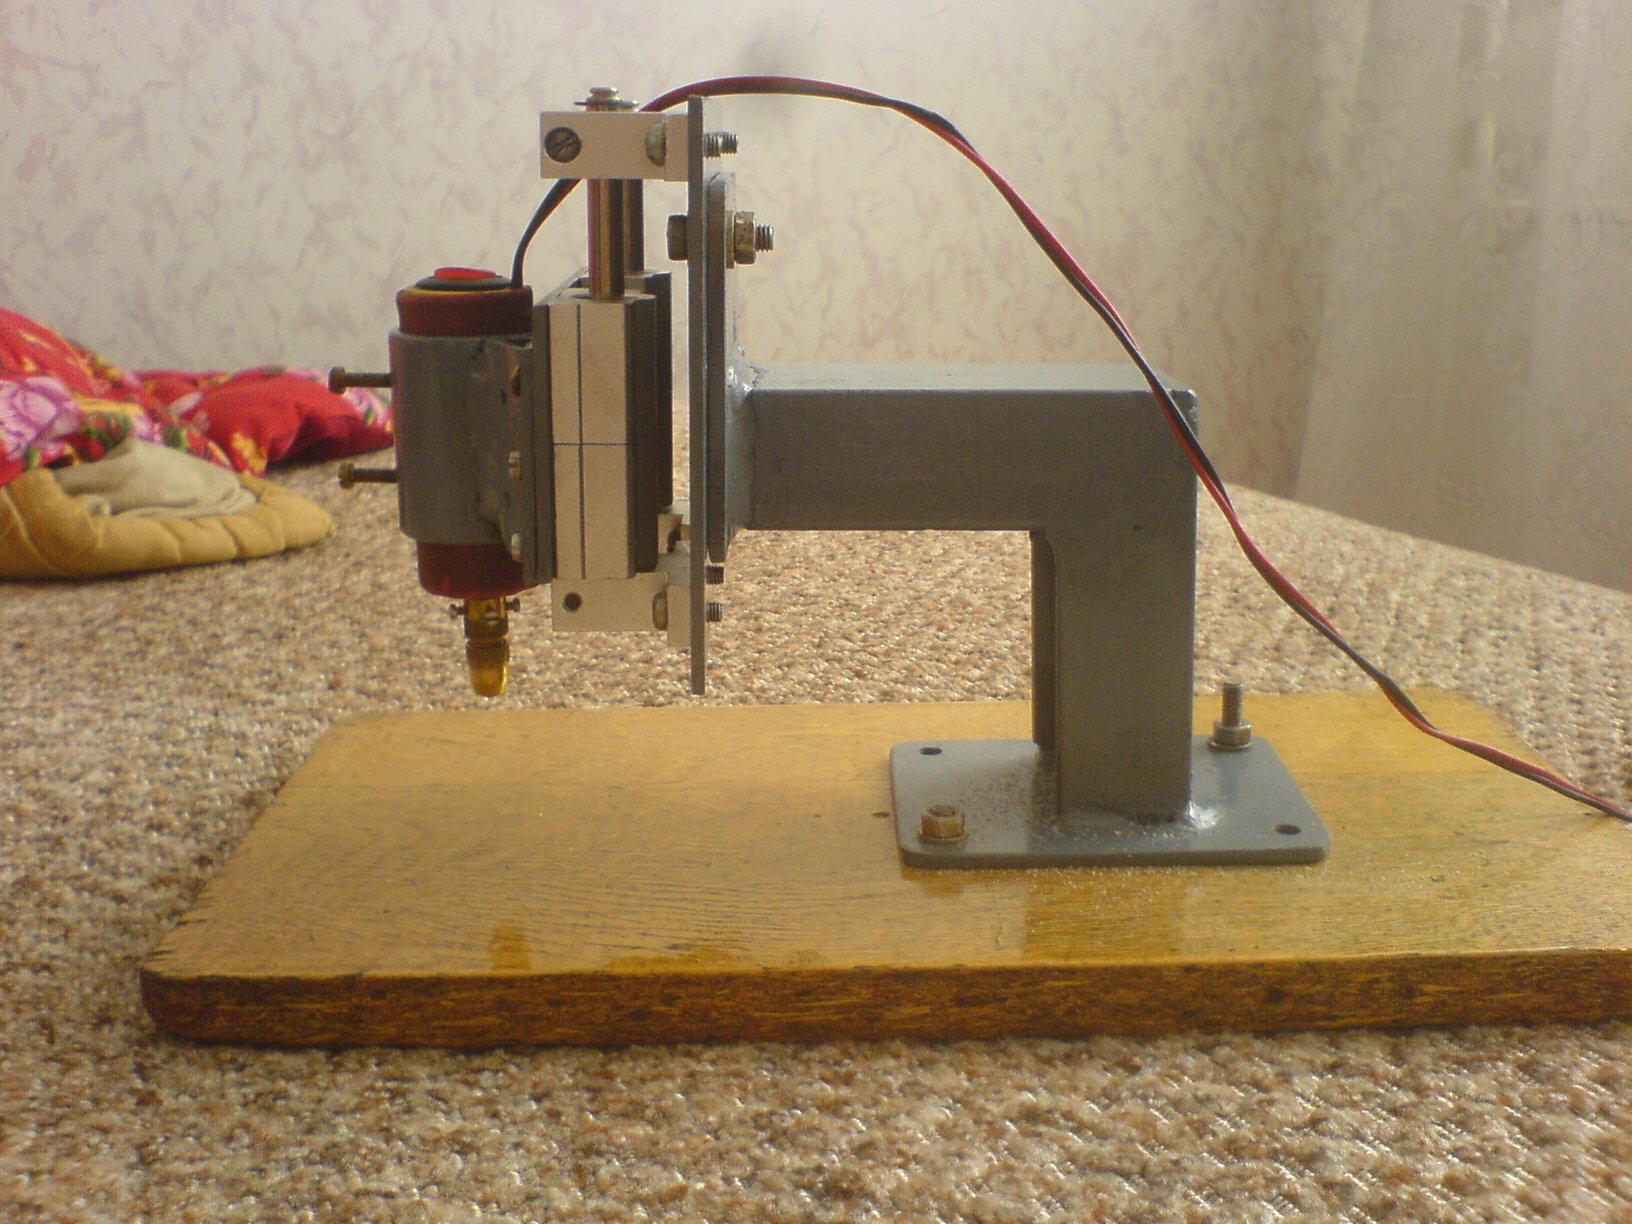 Идеи как сделать станок для сверления — пошаговая инструкция как изготовить самодельное приспособление для сверления (80 фото)